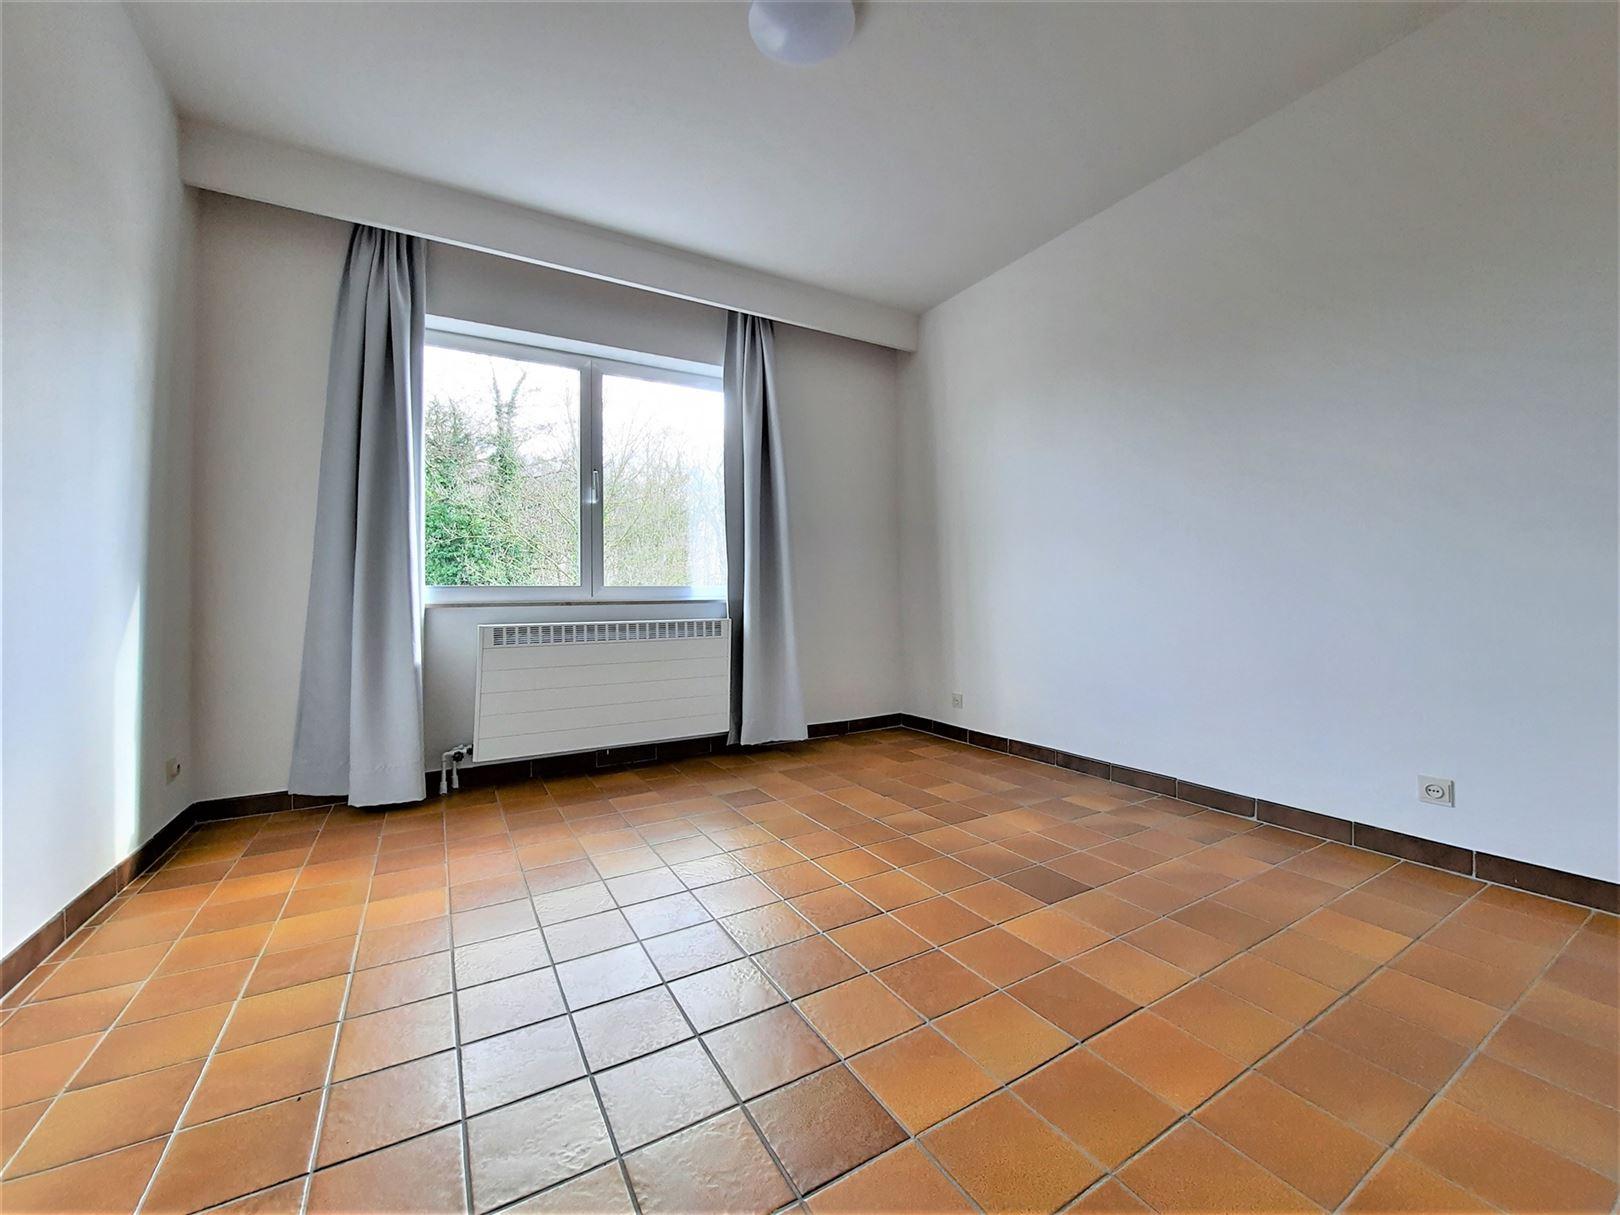 Foto 8 : Appartement te 9200 OUDEGEM (België) - Prijs € 620